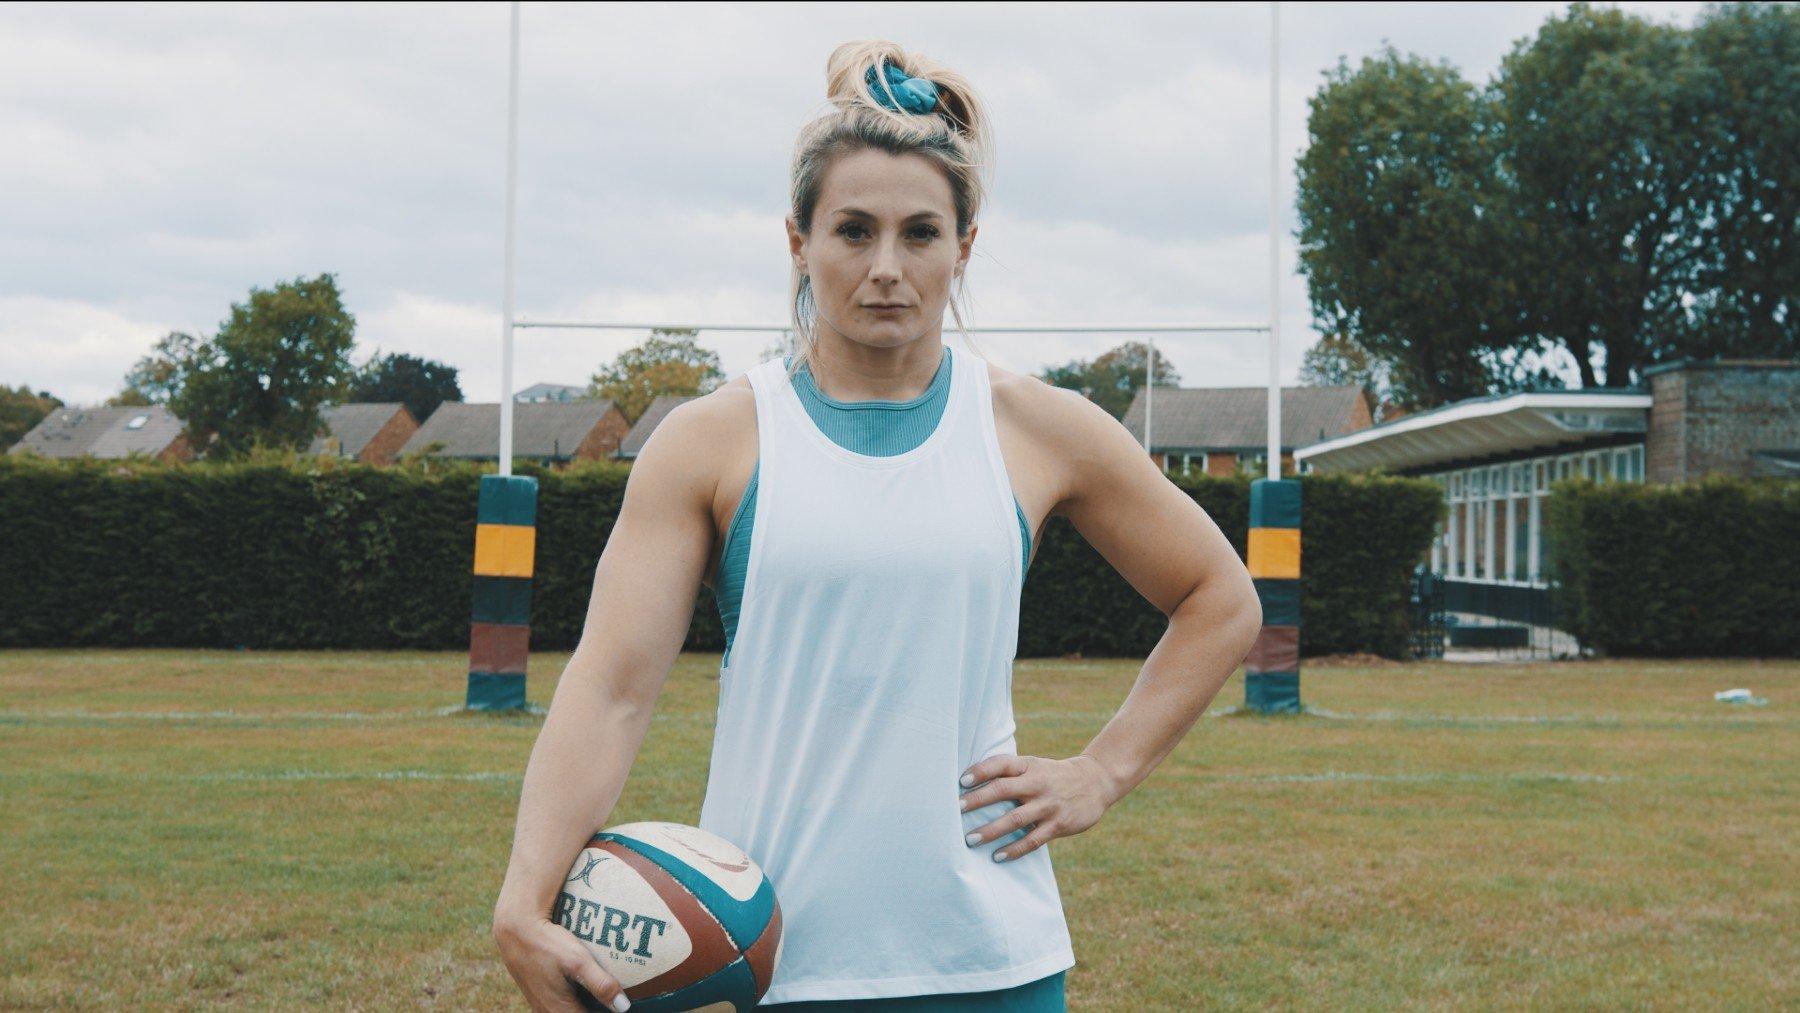 ¿Por qué no tratar una lucha mental como una lesión física? | Vicky Fleetwood: The Locker Room – Capítulo 3